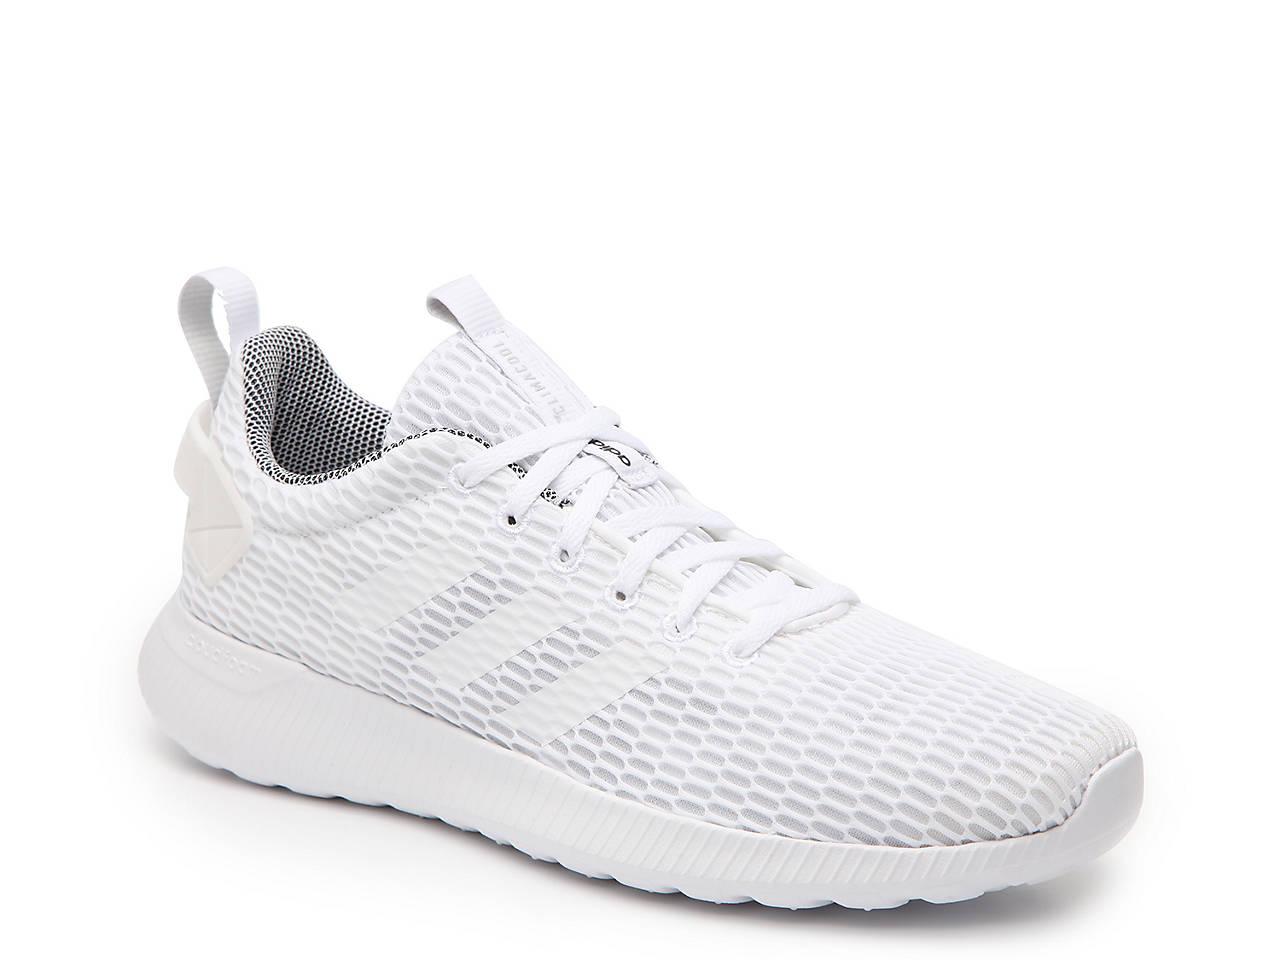 Lite Racer Climacool Sneaker Men's